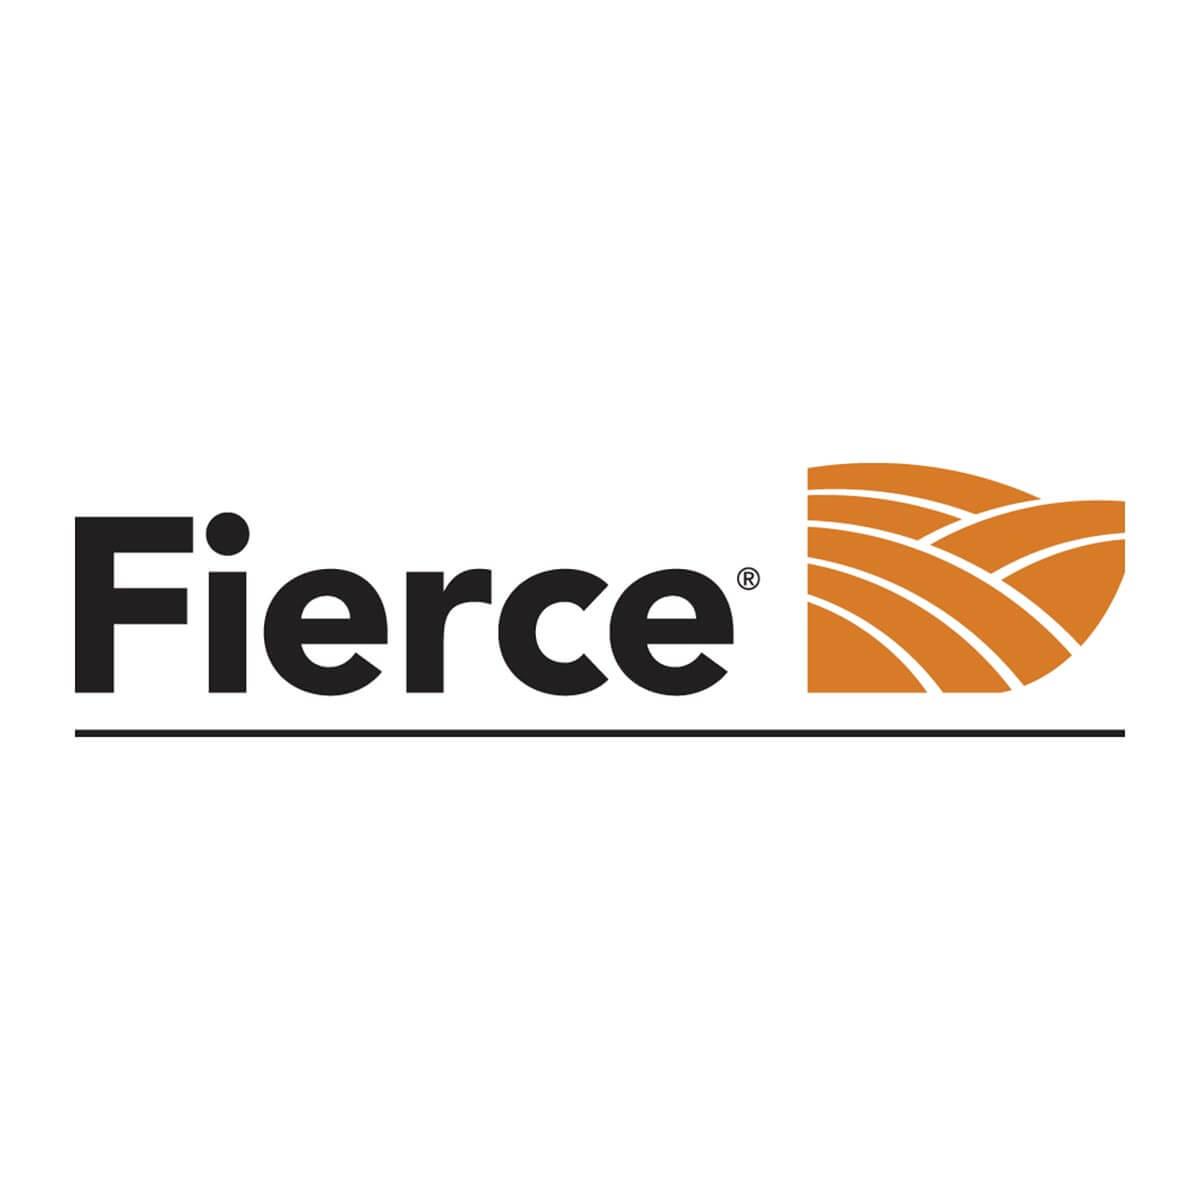 FIERCE 2.72KG